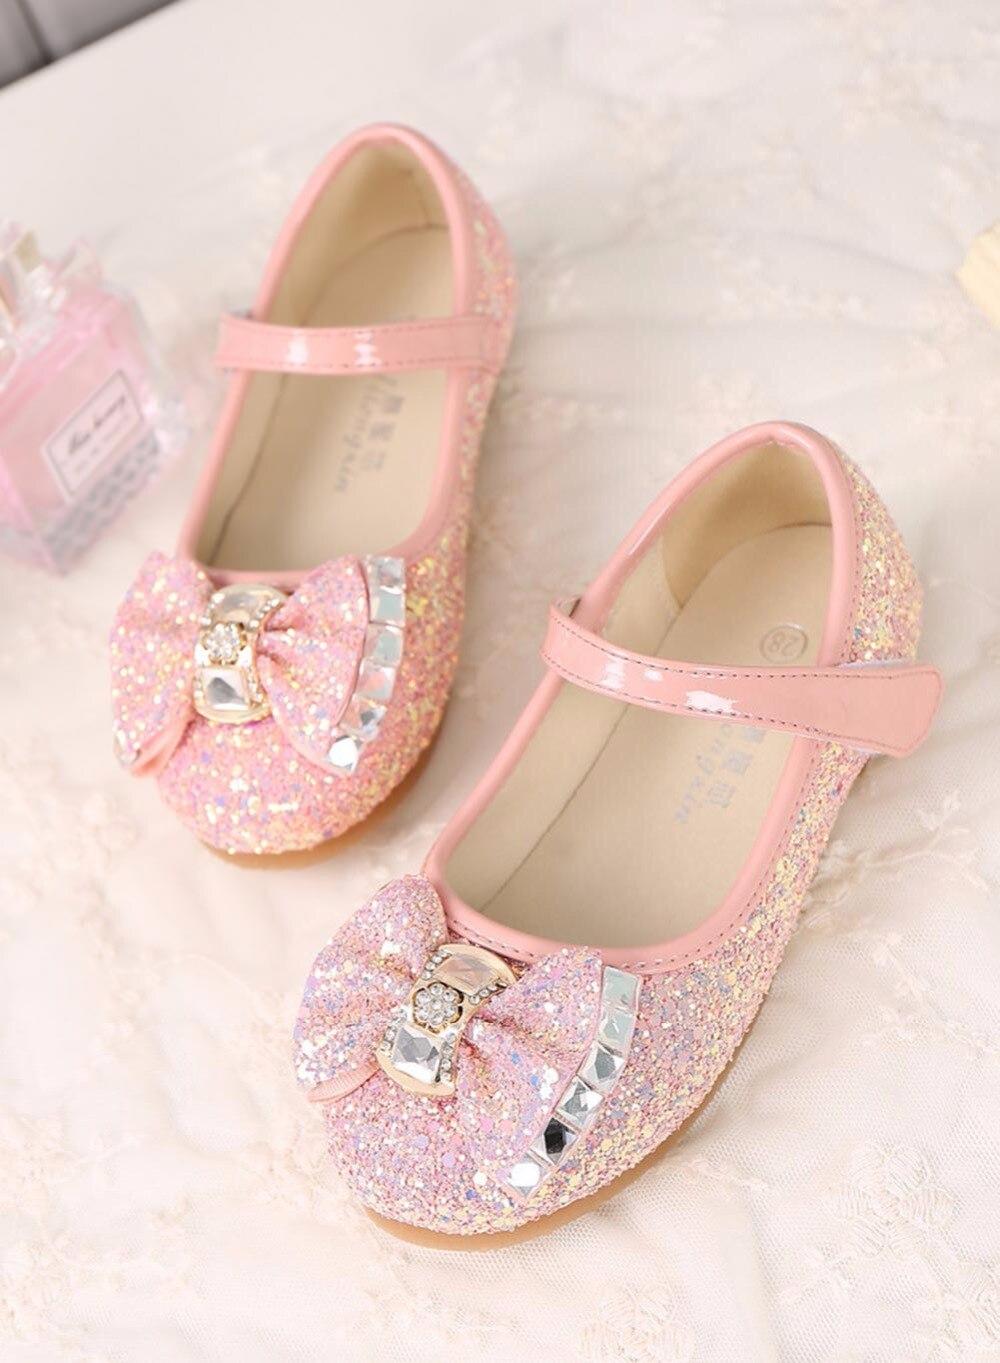 Little Girls Dress Up Shoes Balet Taniec Flat Casual Front Glitter - Obuwie dziecięce - Zdjęcie 5